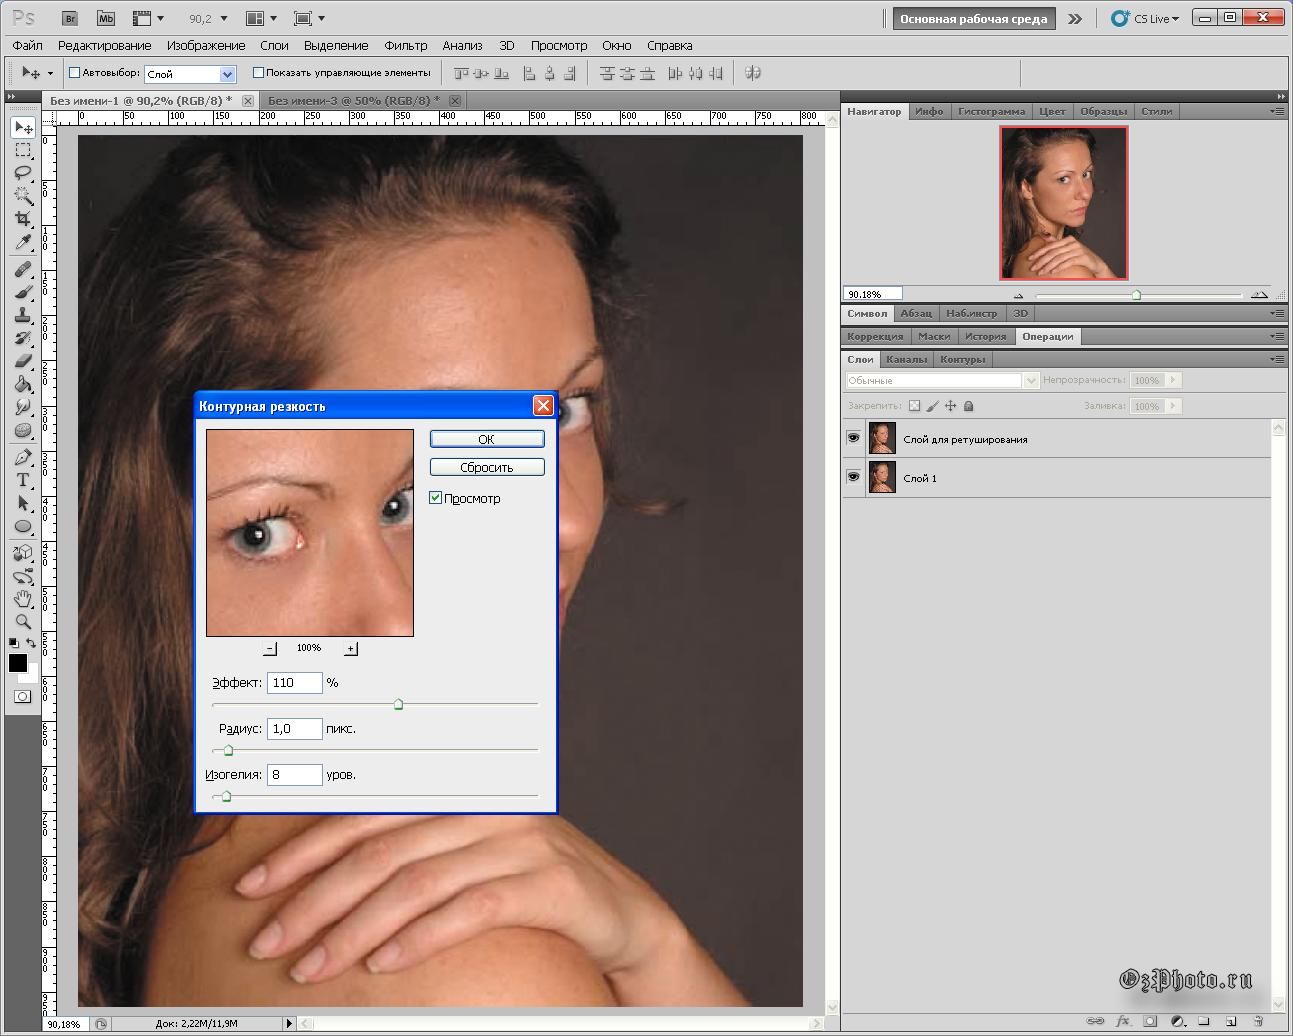 Как увеличить фото в Фотошопе без потери качества 29